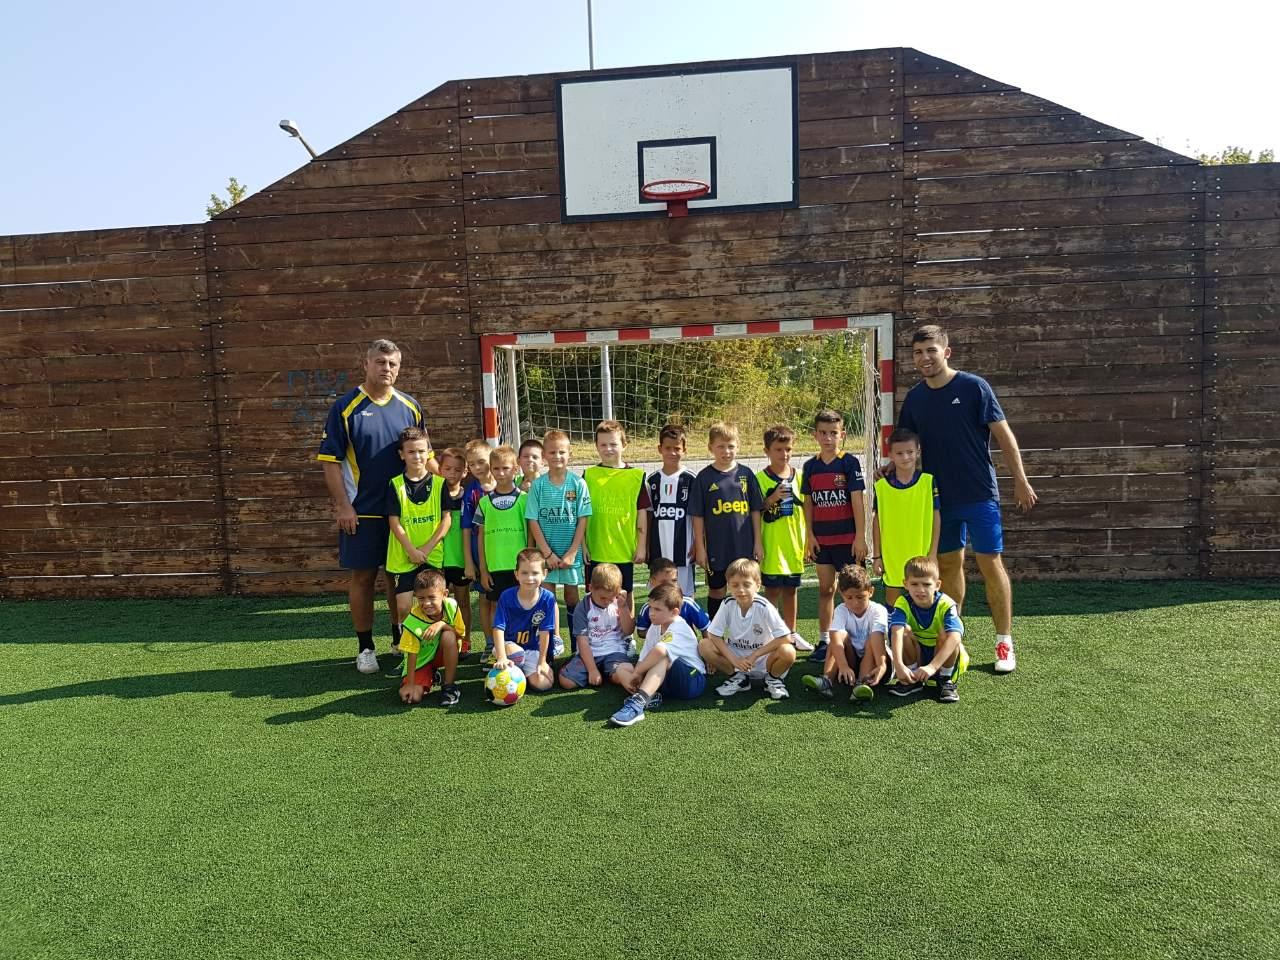 Photo of FK Gimnazijalac – prava adresa za prve fudbalske korake. Počeo upis novih polaznika Škole fudbala